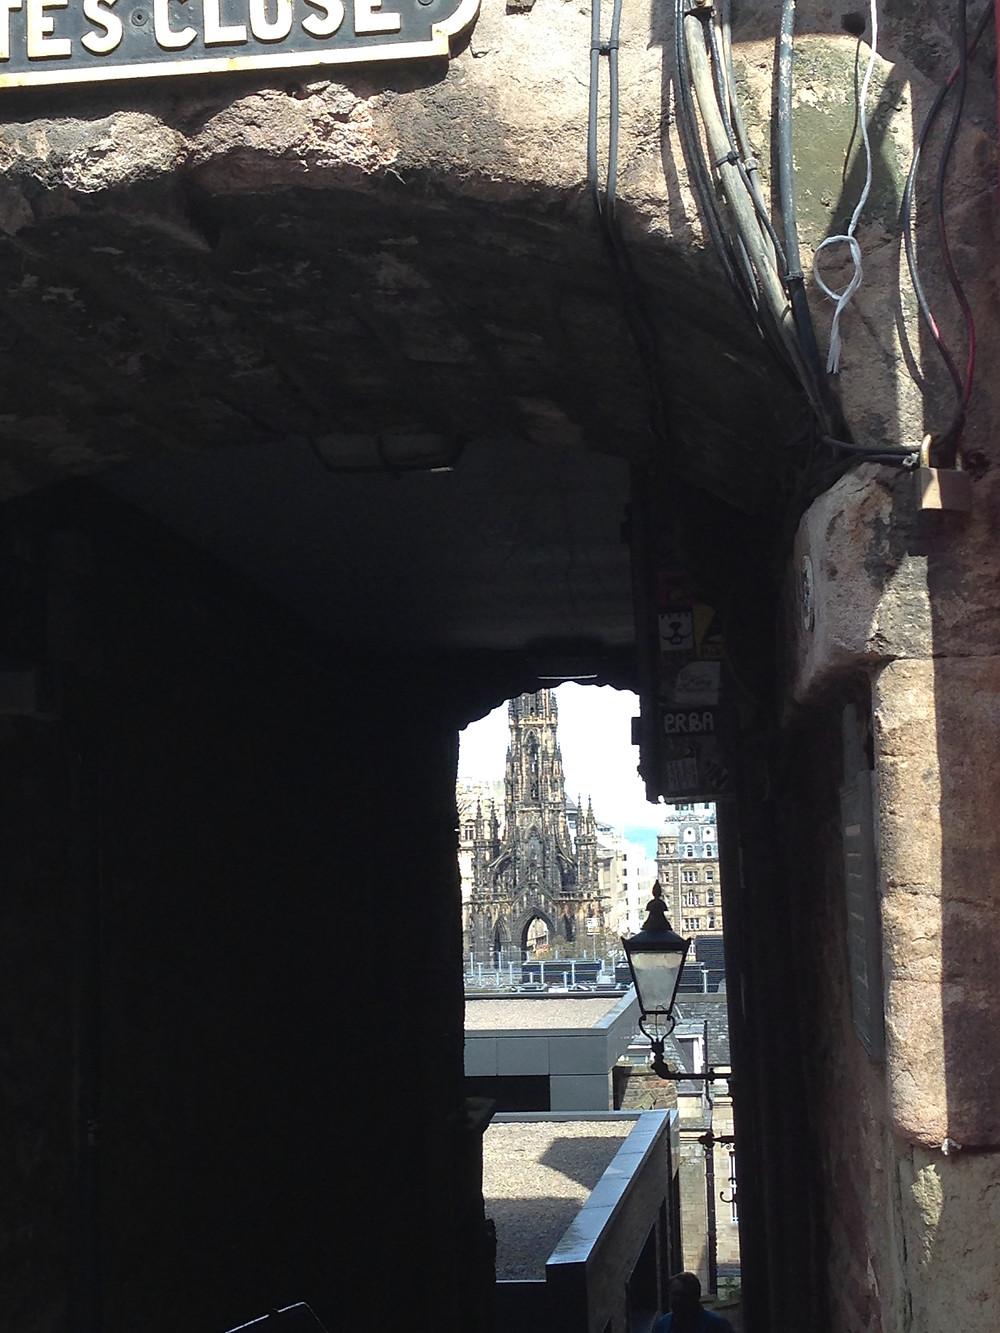 Advocate's Close, un des lieux réputé hanté d'Edimbourg